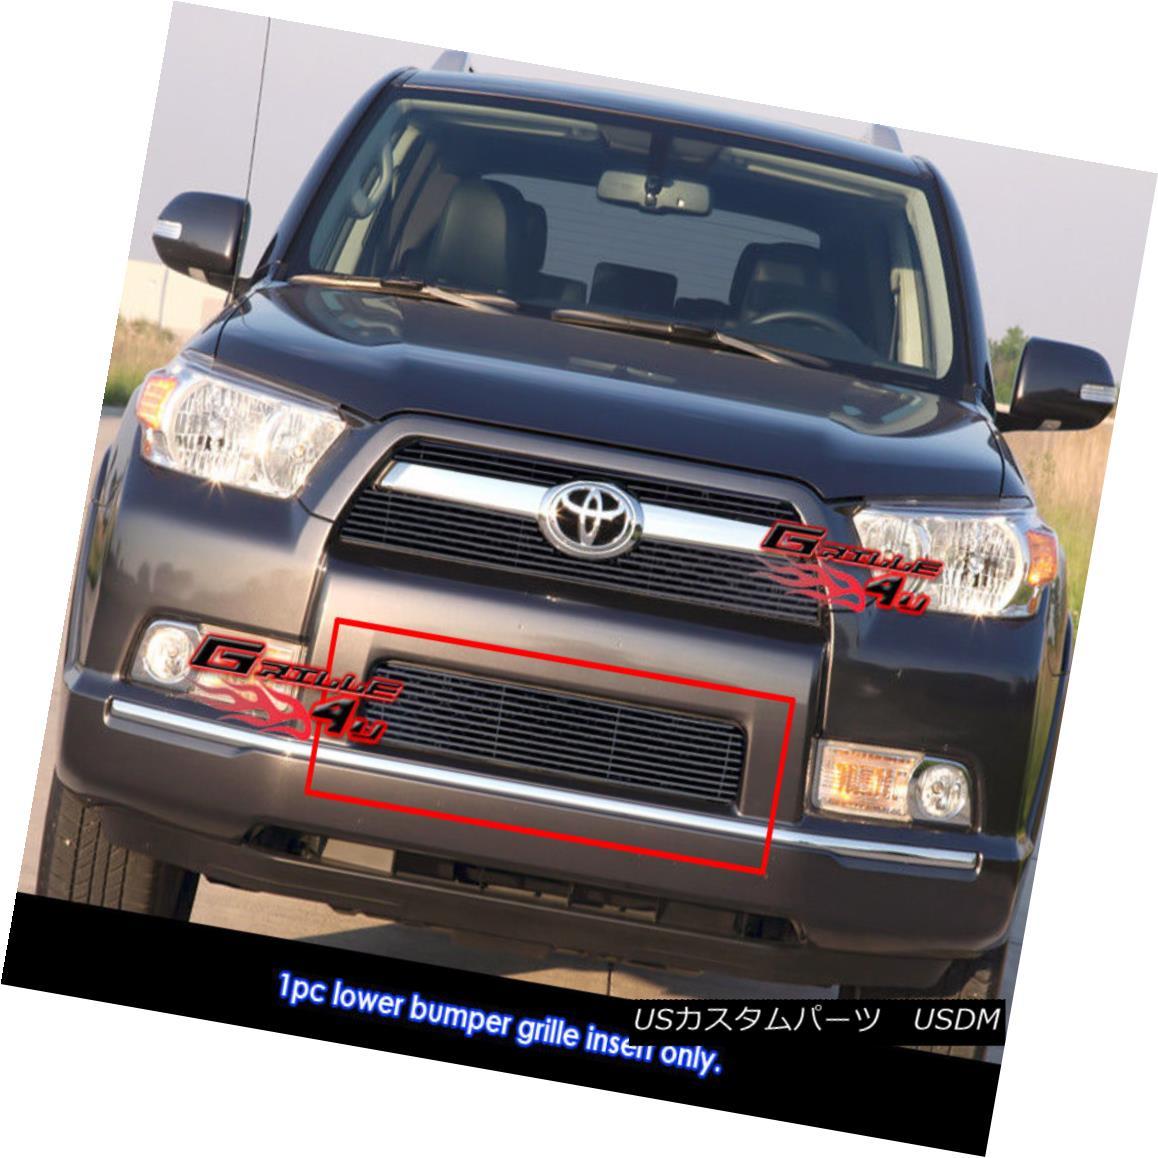 グリル Fits 2010-2013 Toyota 4Runner Black Billet Grille Grill Insert フィット2010-2013トヨタ4Runnerブラックビレットグリルグリルインサート